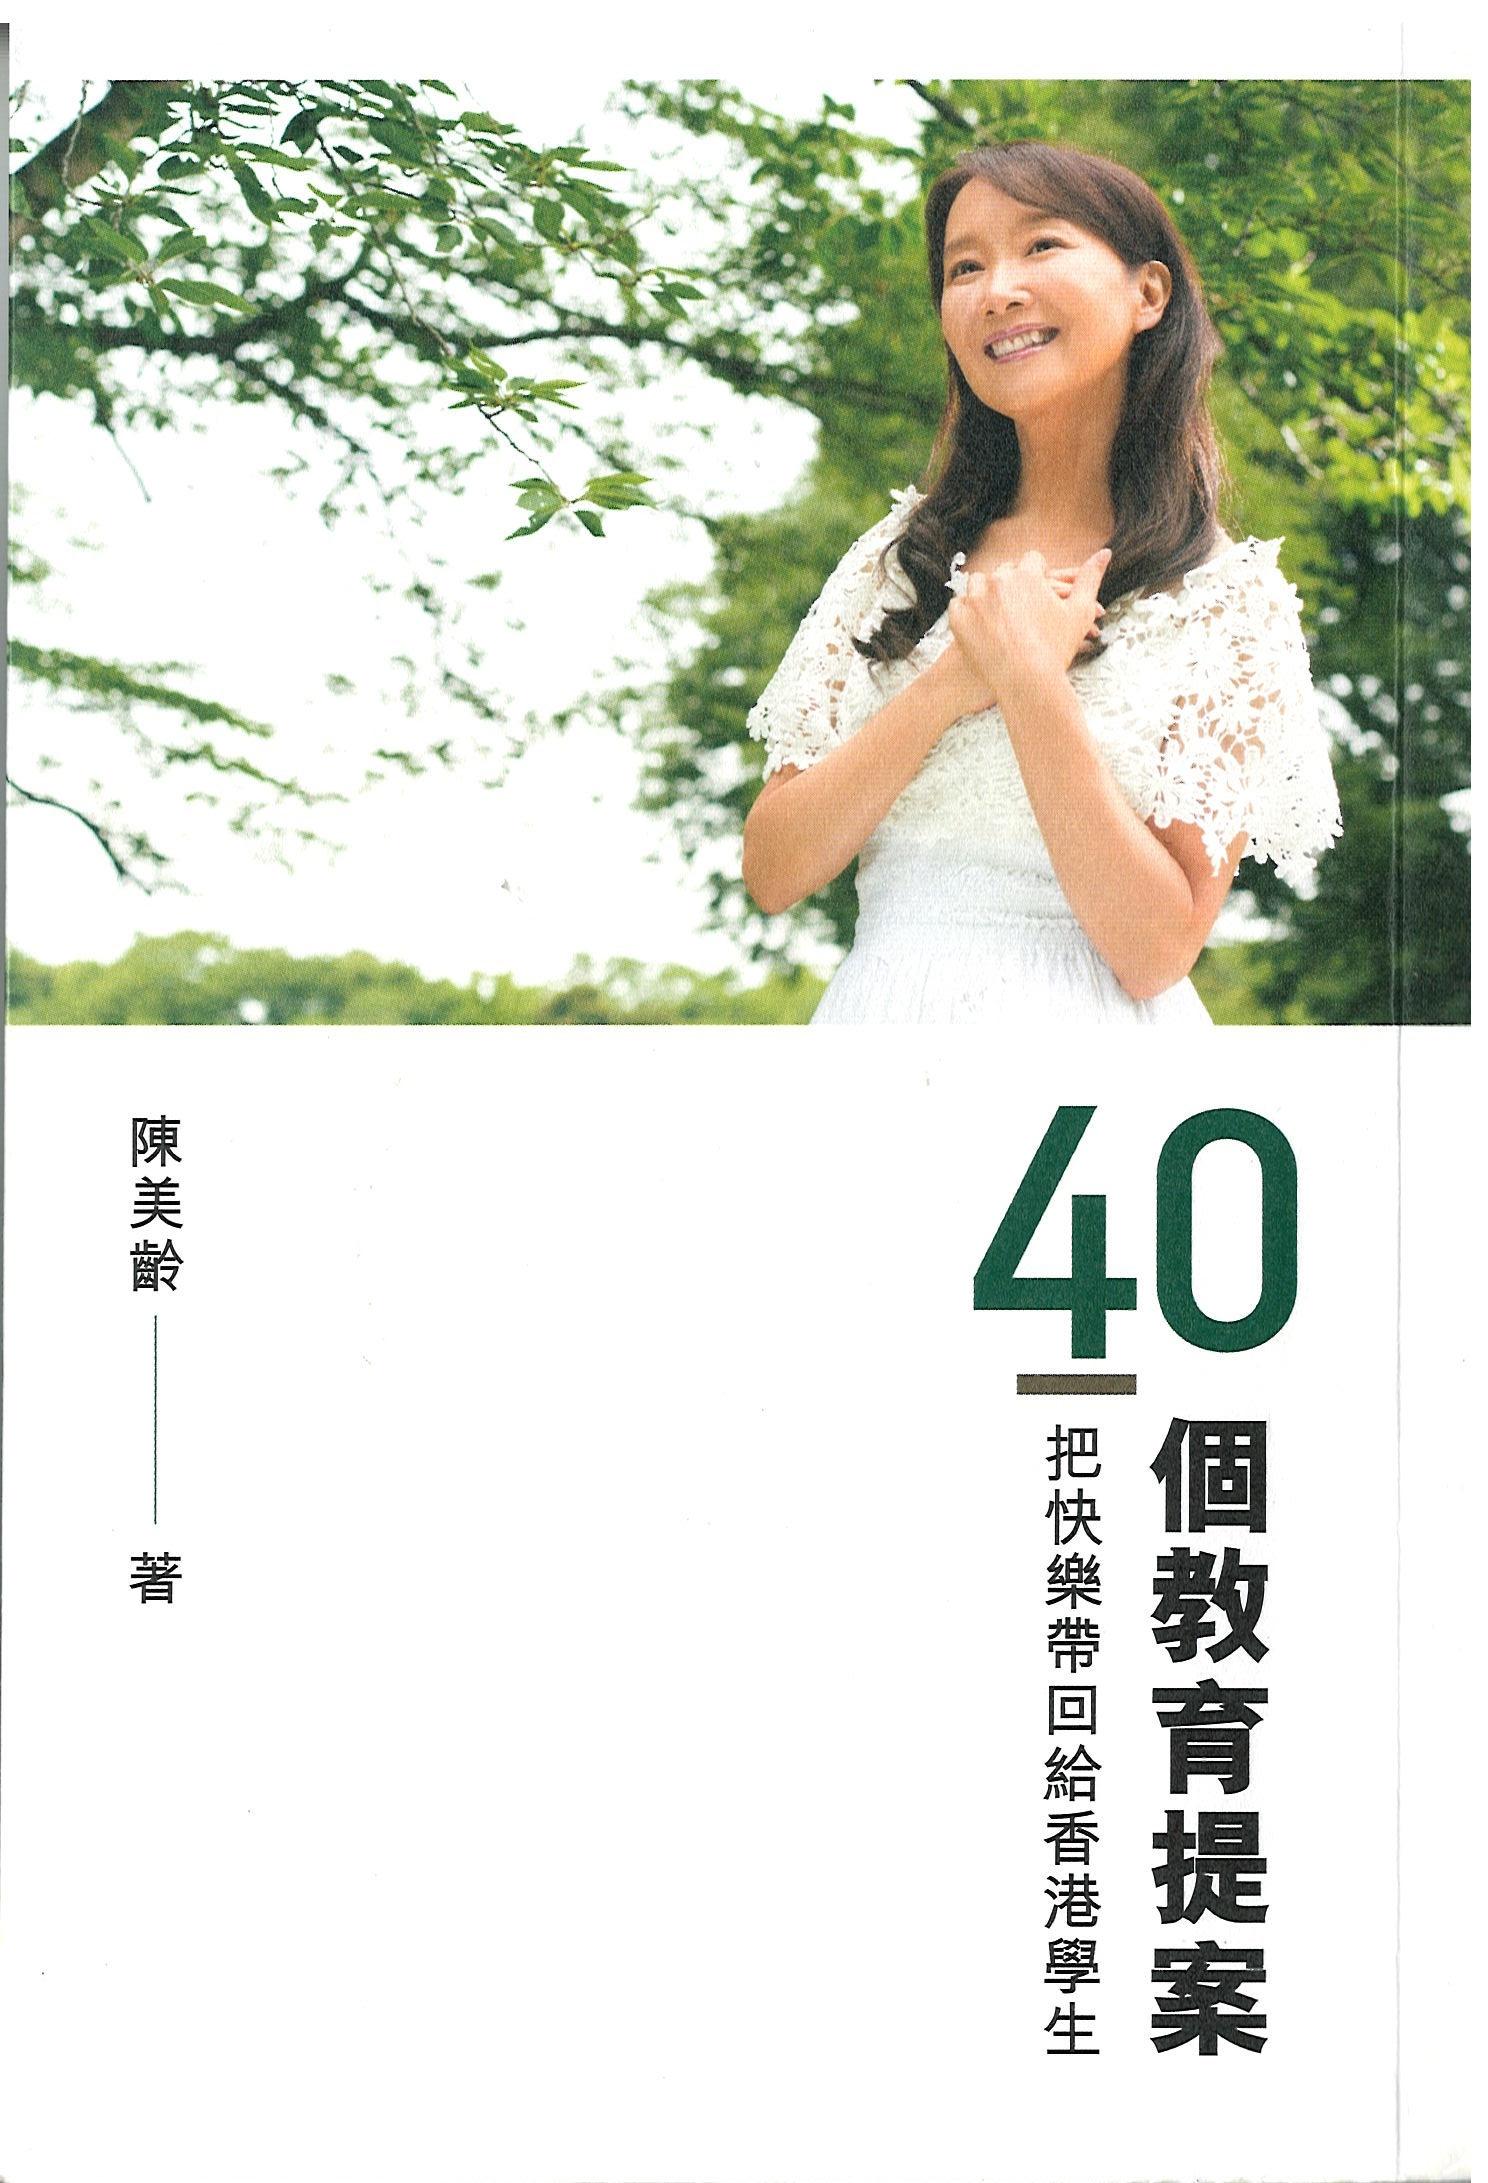 《40個教育提案——把快樂帶回給香港學生》封面